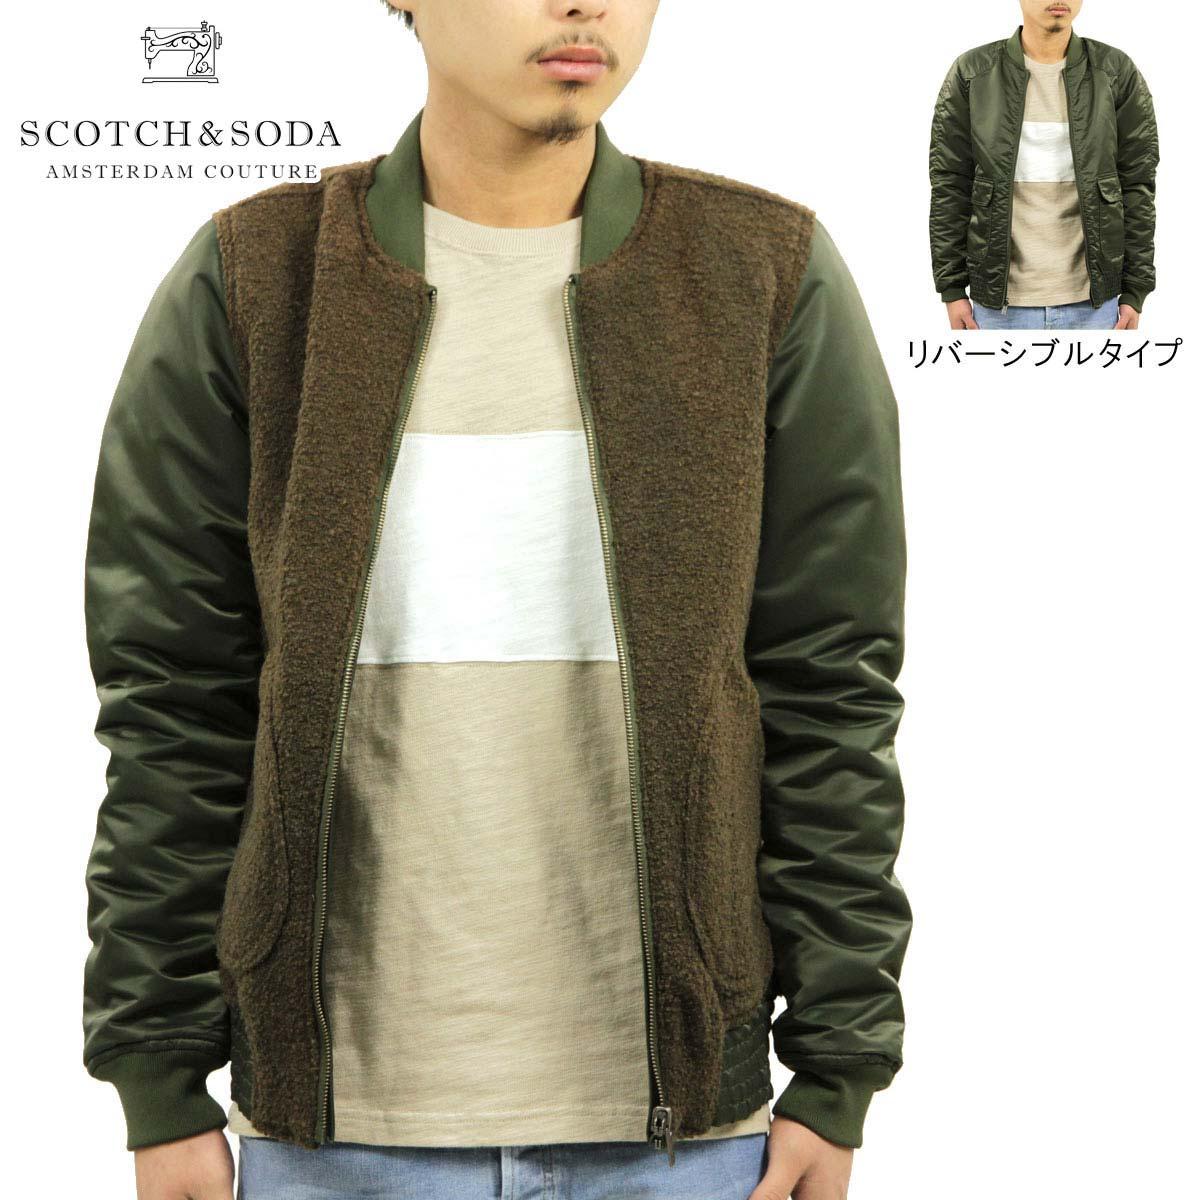 スコッチアンドソーダ SCOTCH&SODA 正規販売店 メンズ ナイロンジャケット Reversible bomber jacket in mix & match teddy and nylon quality 101377 60 D00S20